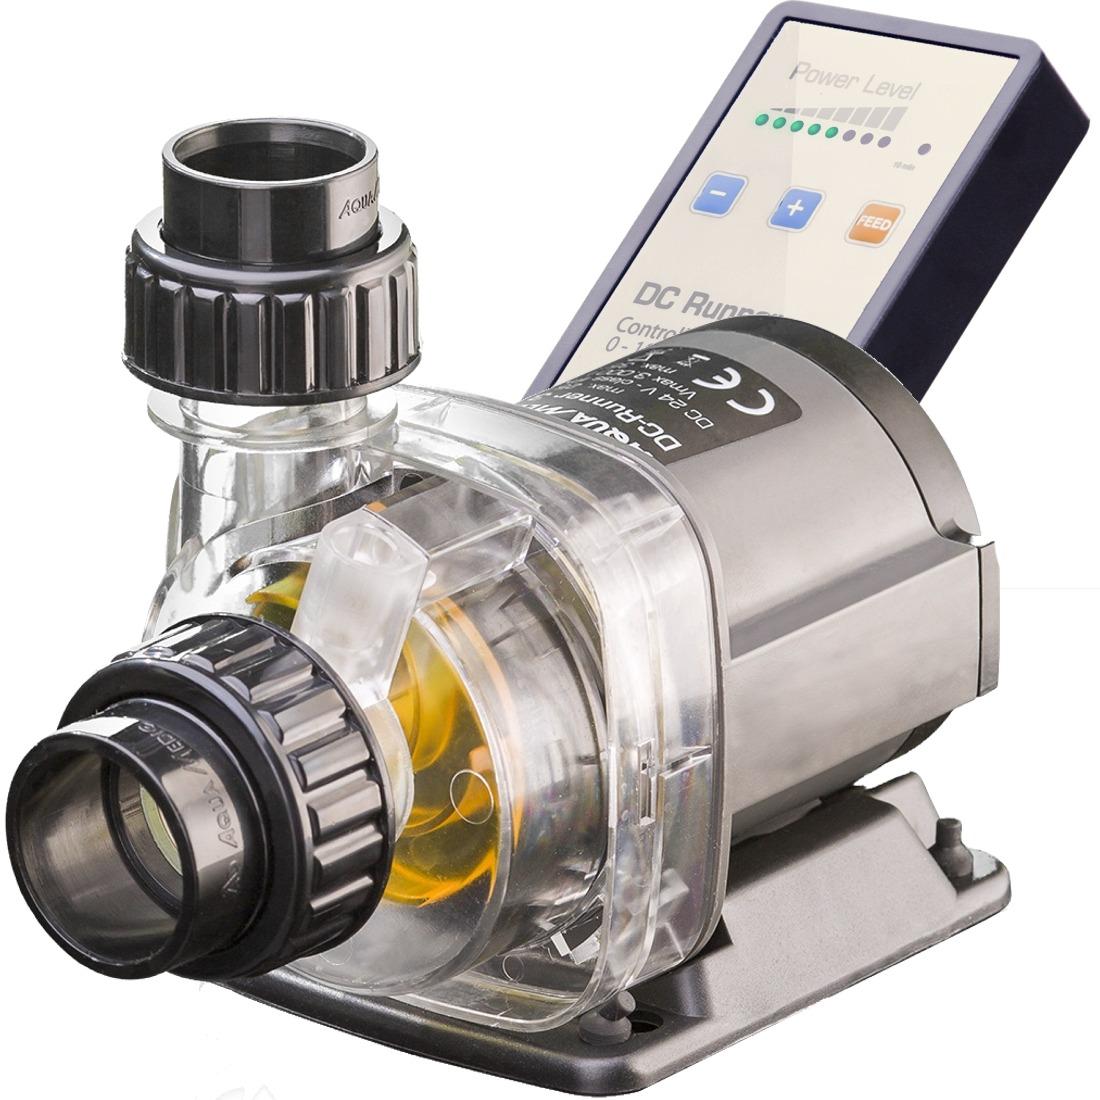 AQUA MEDIC DC Runner 3.2 Ultra Silent pompe 3000 L/h avec contrôleur pour aquarium d\'eau douce et d\'eau mer